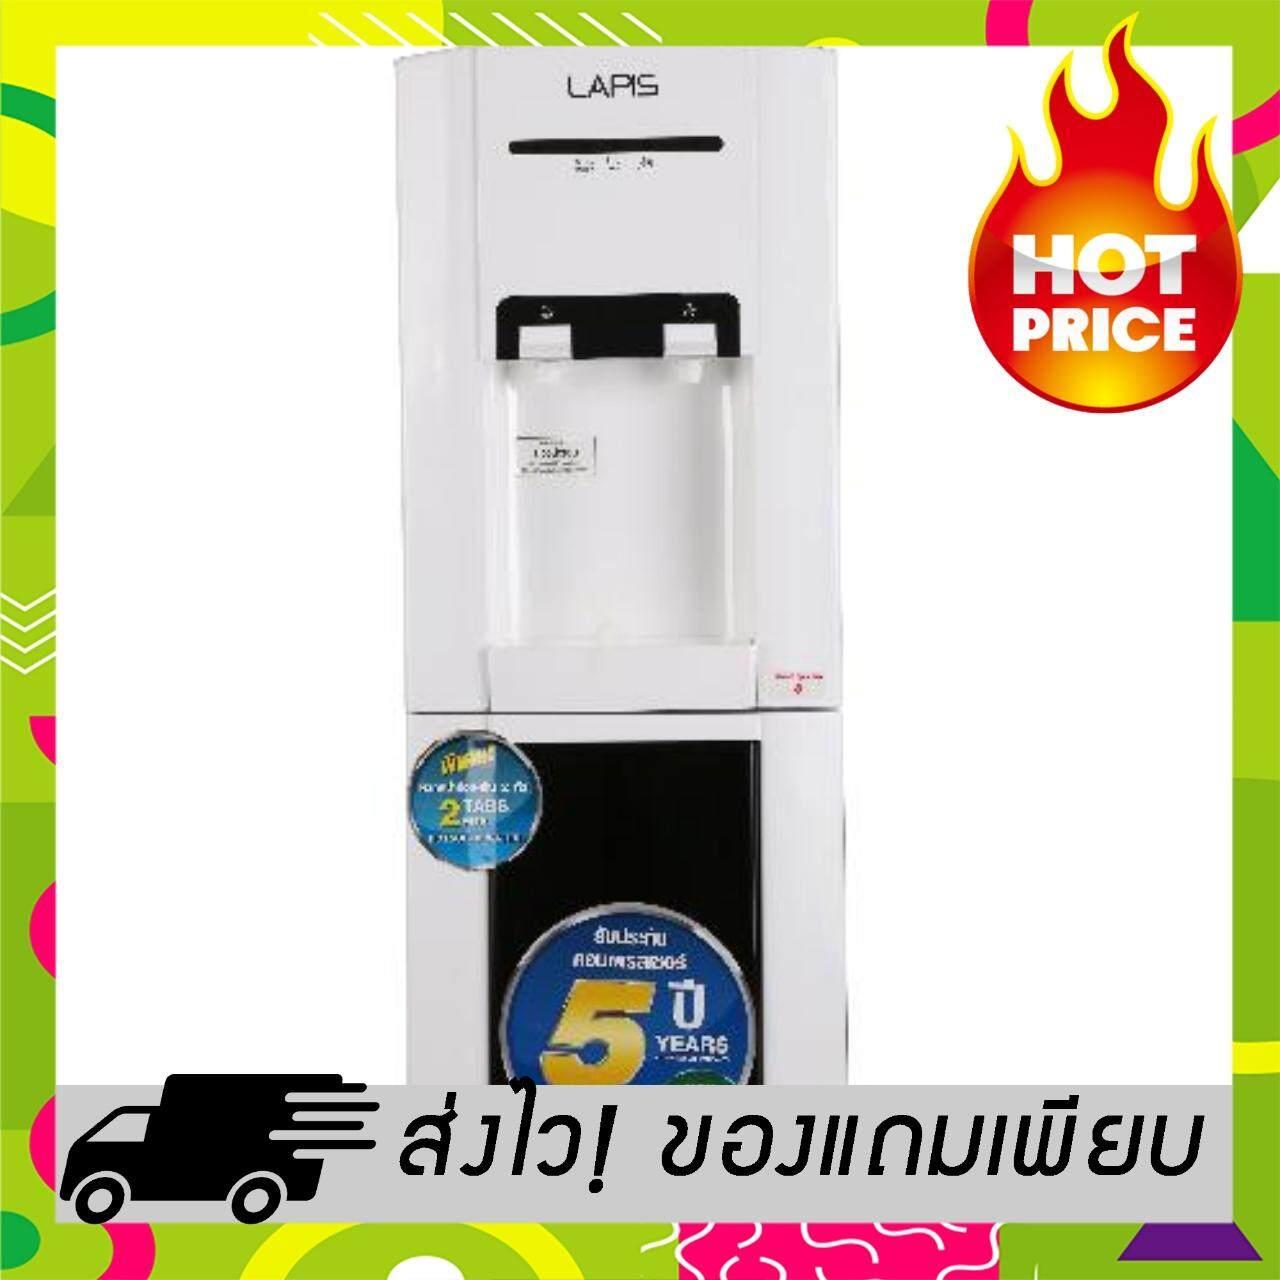 ((ซื้อเลย)) Lapis ตู้กดน้ำร้อน-เย็น แบบ 2หัว YLR-GB-2-5-58LB ขาว-ดำ ตู้เย็นเล็ก ตู้เย็นมินิ ตู้เย็น 1 ประตู ตู้เย็นพกพก ตู้เย็นในรถ ตู้เย็นhitachi ตู้เย็นmitsubishi ตู้เย็น ราคา ตู้ เย็น ตู้ เย็น เล็ก ตู้ เย็น ราคา ตู้ แช่ แข็ง ตู้ เย็น ราคา ถูก ตู้ เย